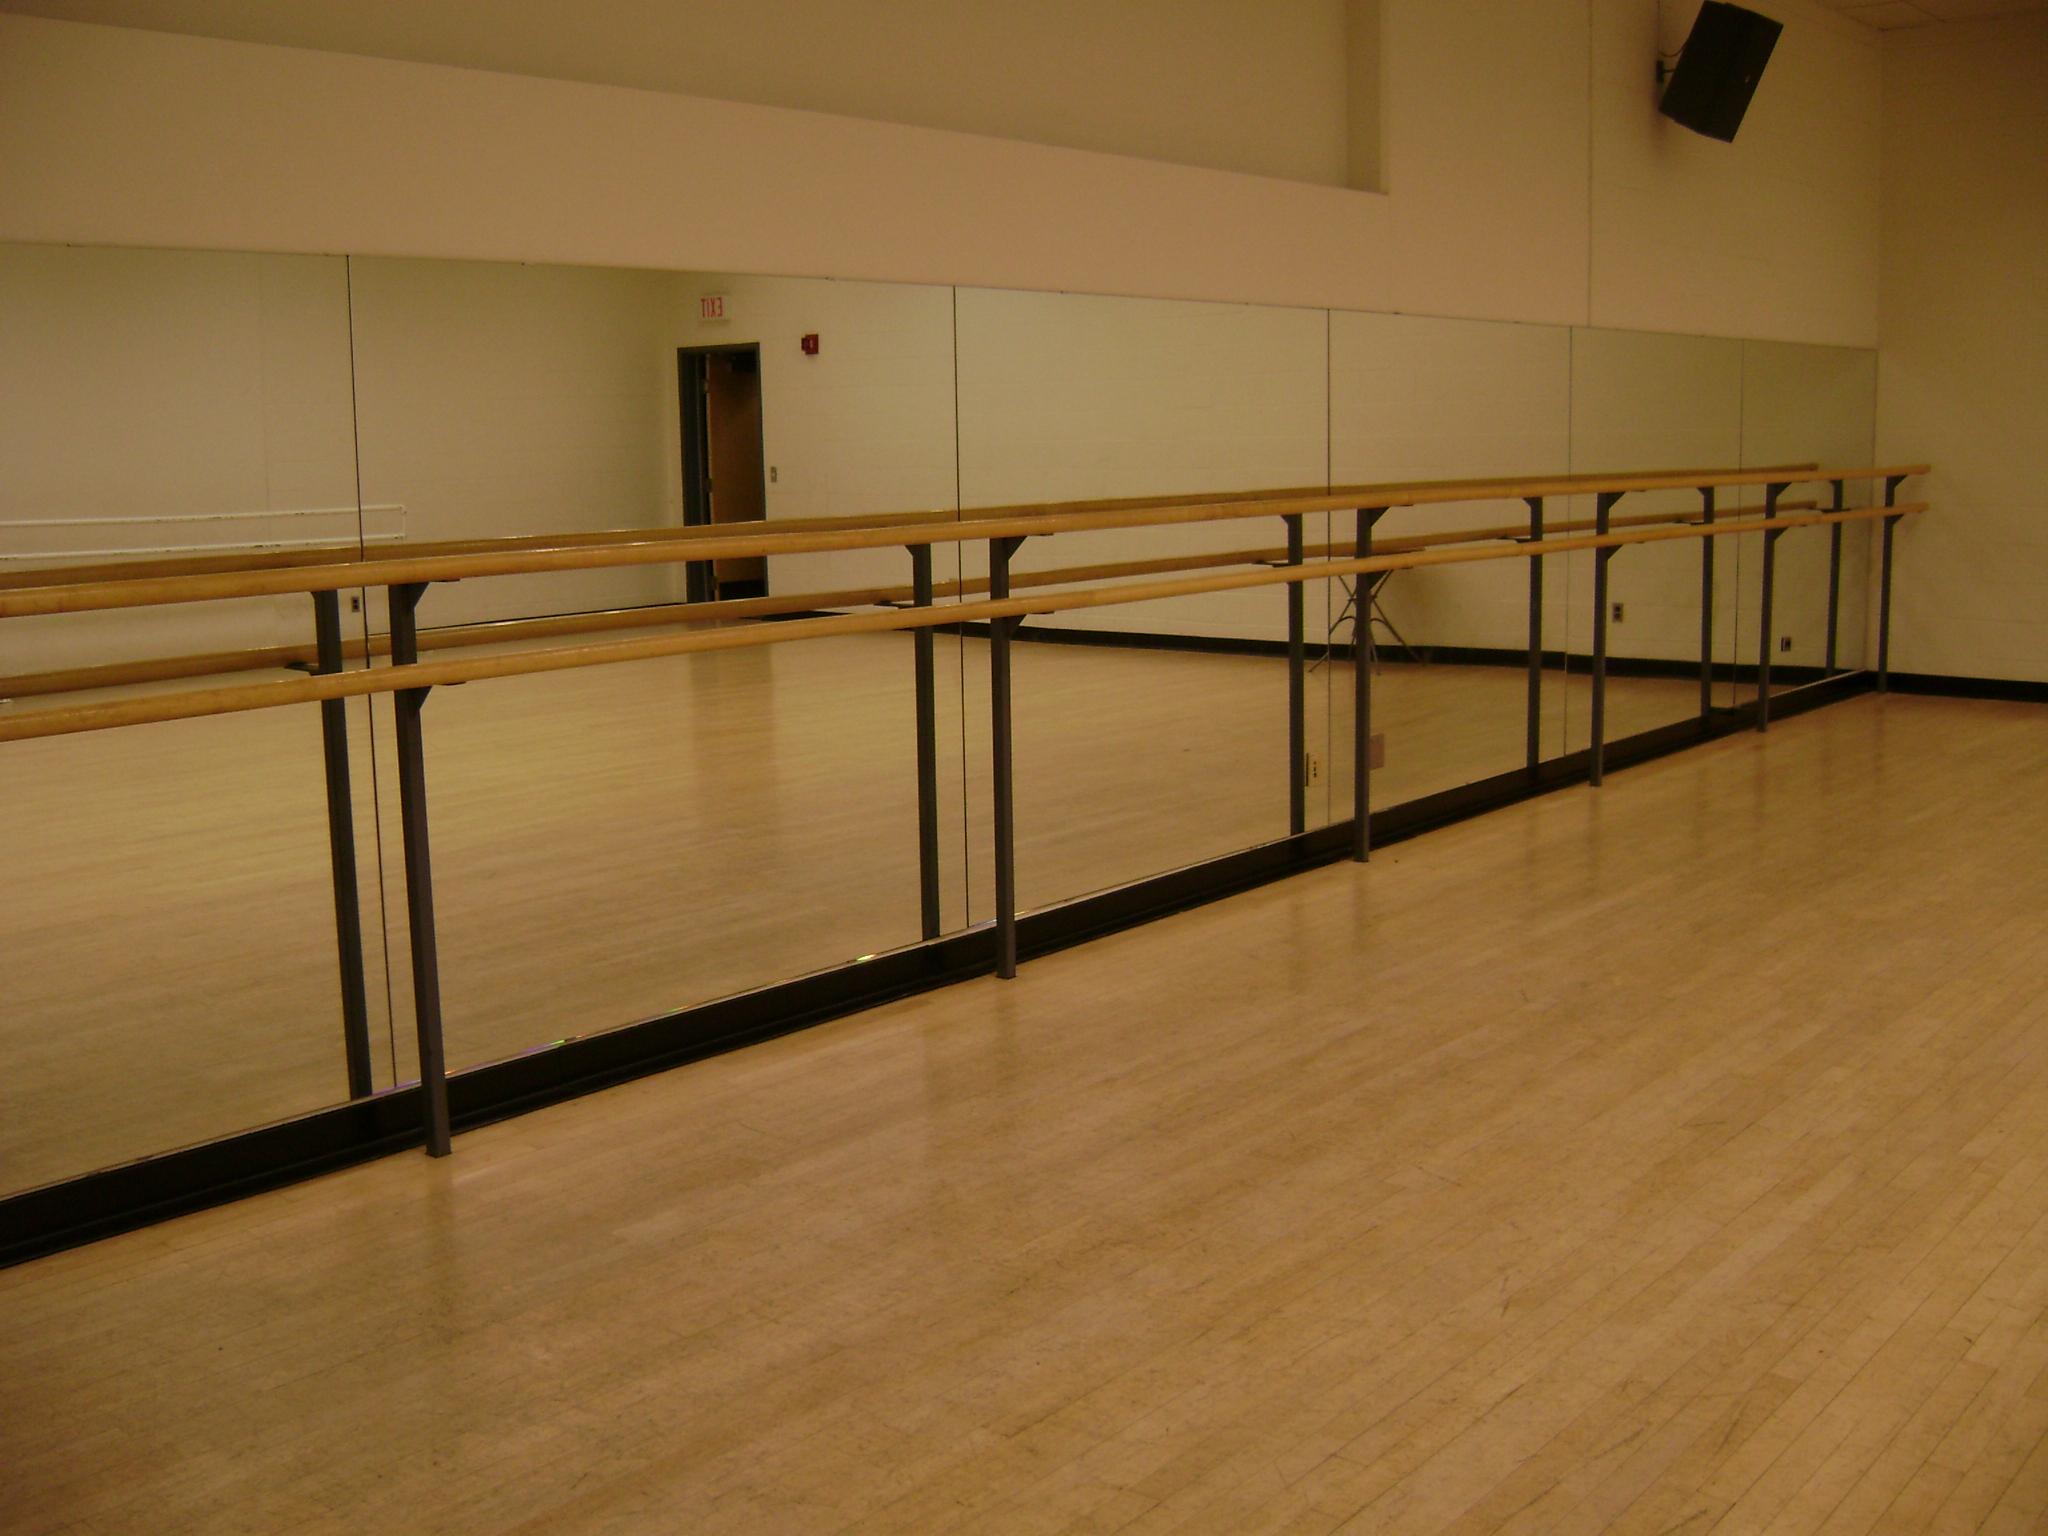 Piano De Cuisine Pas Cher location | mississauga ballet association